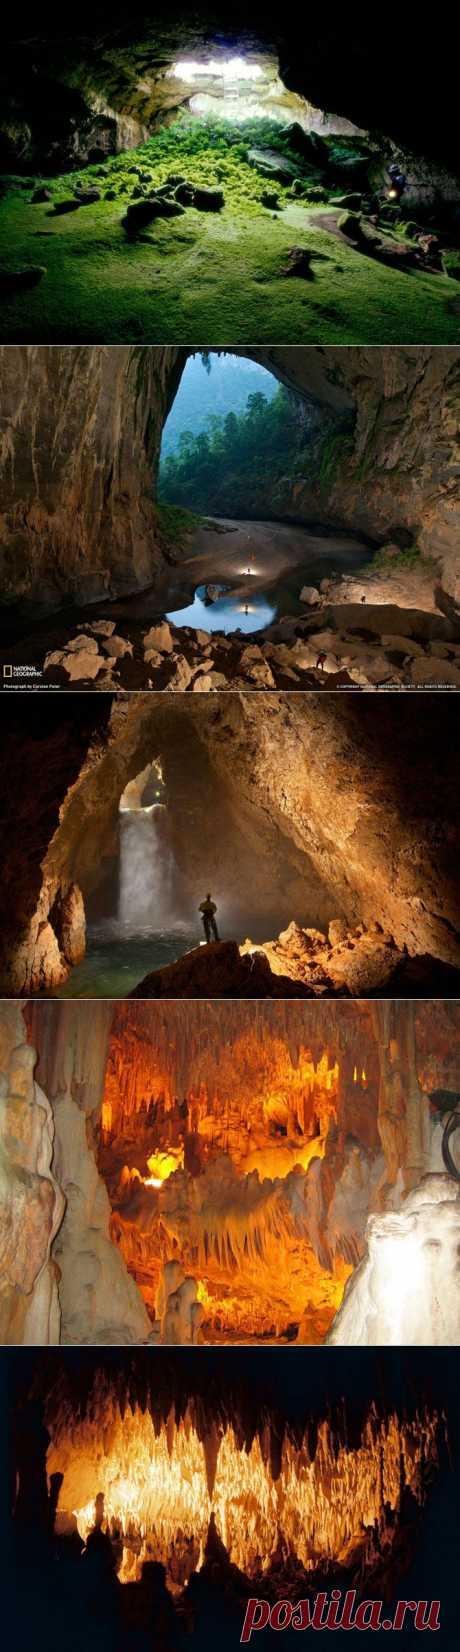 (+1) тема - 20 завораживающих фотографий пещер   ЛЮБИМЫЕ ФОТО